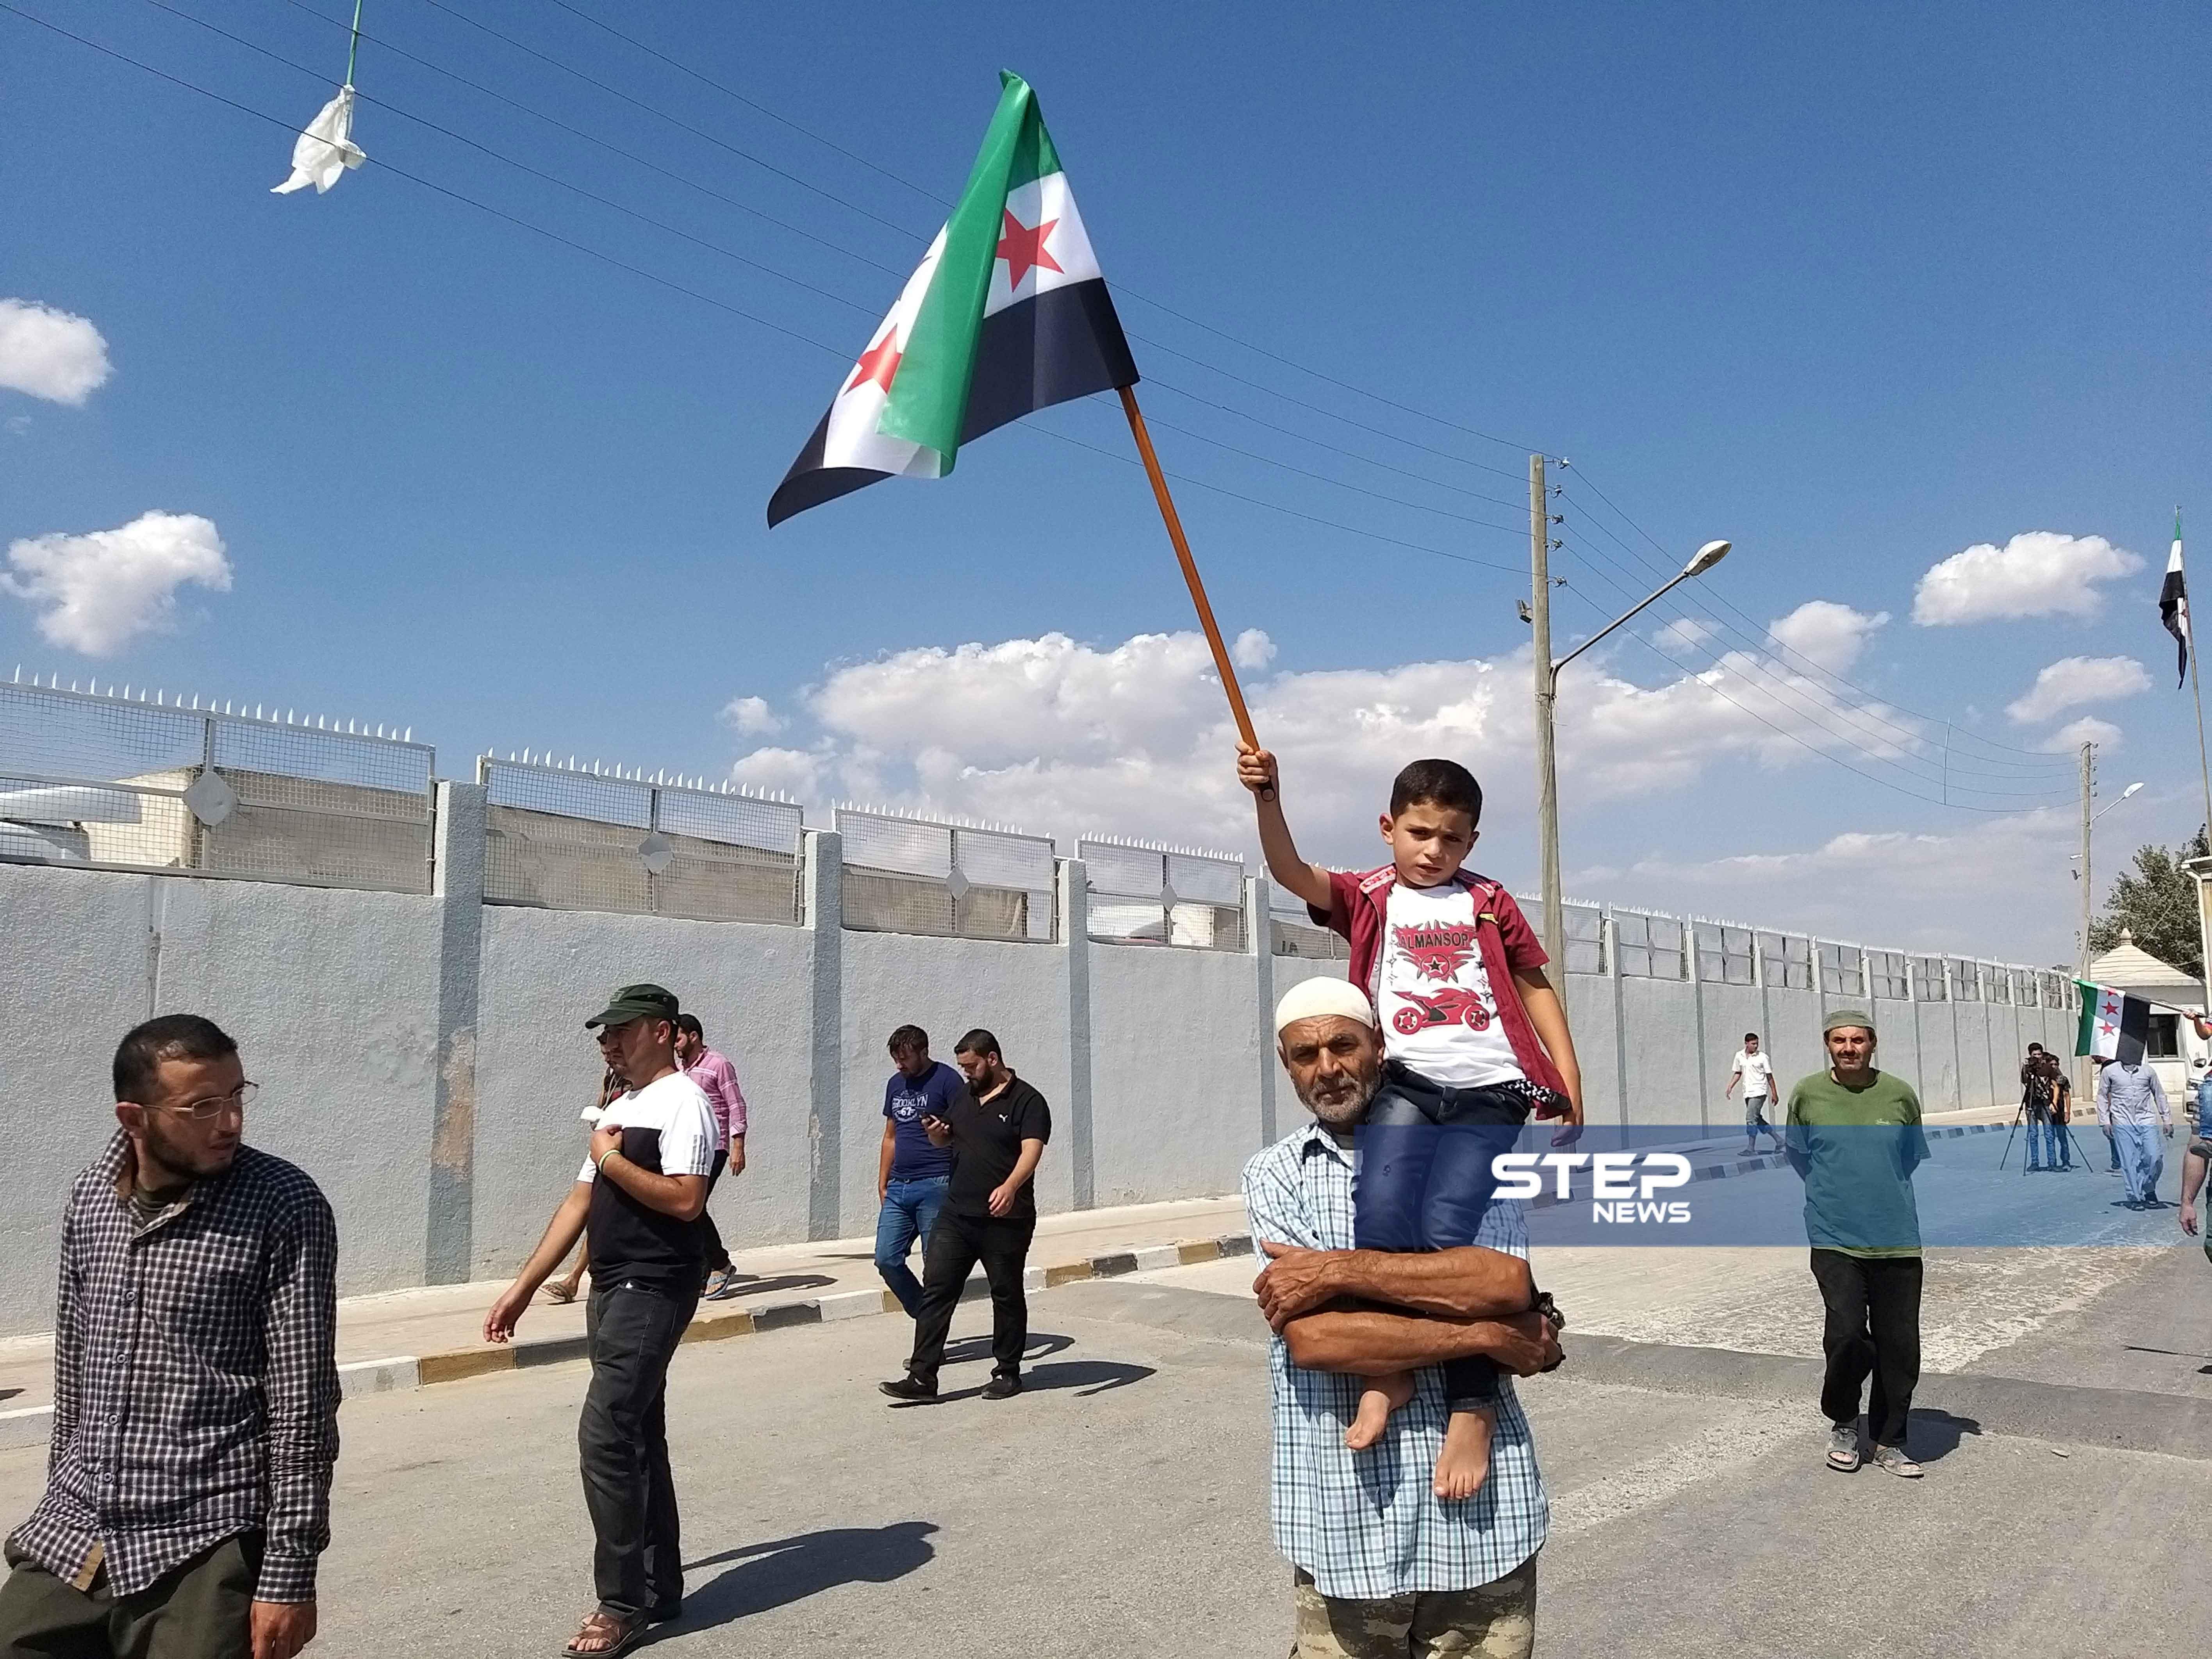 """تحت شعار """"الثورة جمعتنا ورايتها وحدتنا""""، خرجت مظاهرة في معبر باب السلامة الحدودي مع تركيا"""